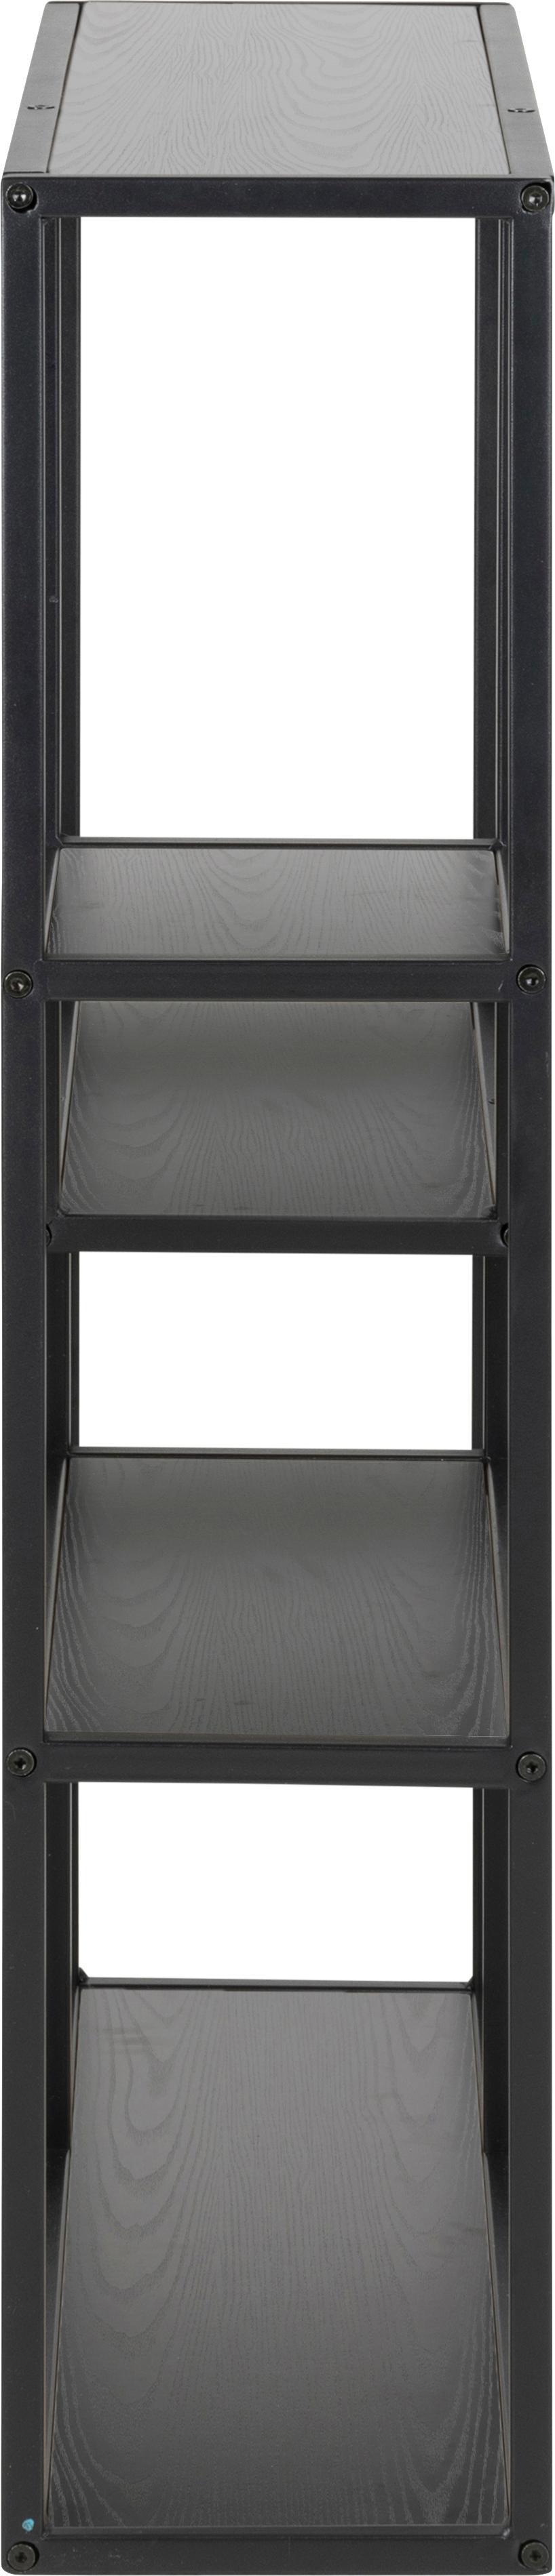 Libreria in legno e metallo Seaford Zig, Ripiani: pannello di fibra a media, Struttura: metallo verniciato a polv, Nero, Larg. 75 x Alt. 91 cm